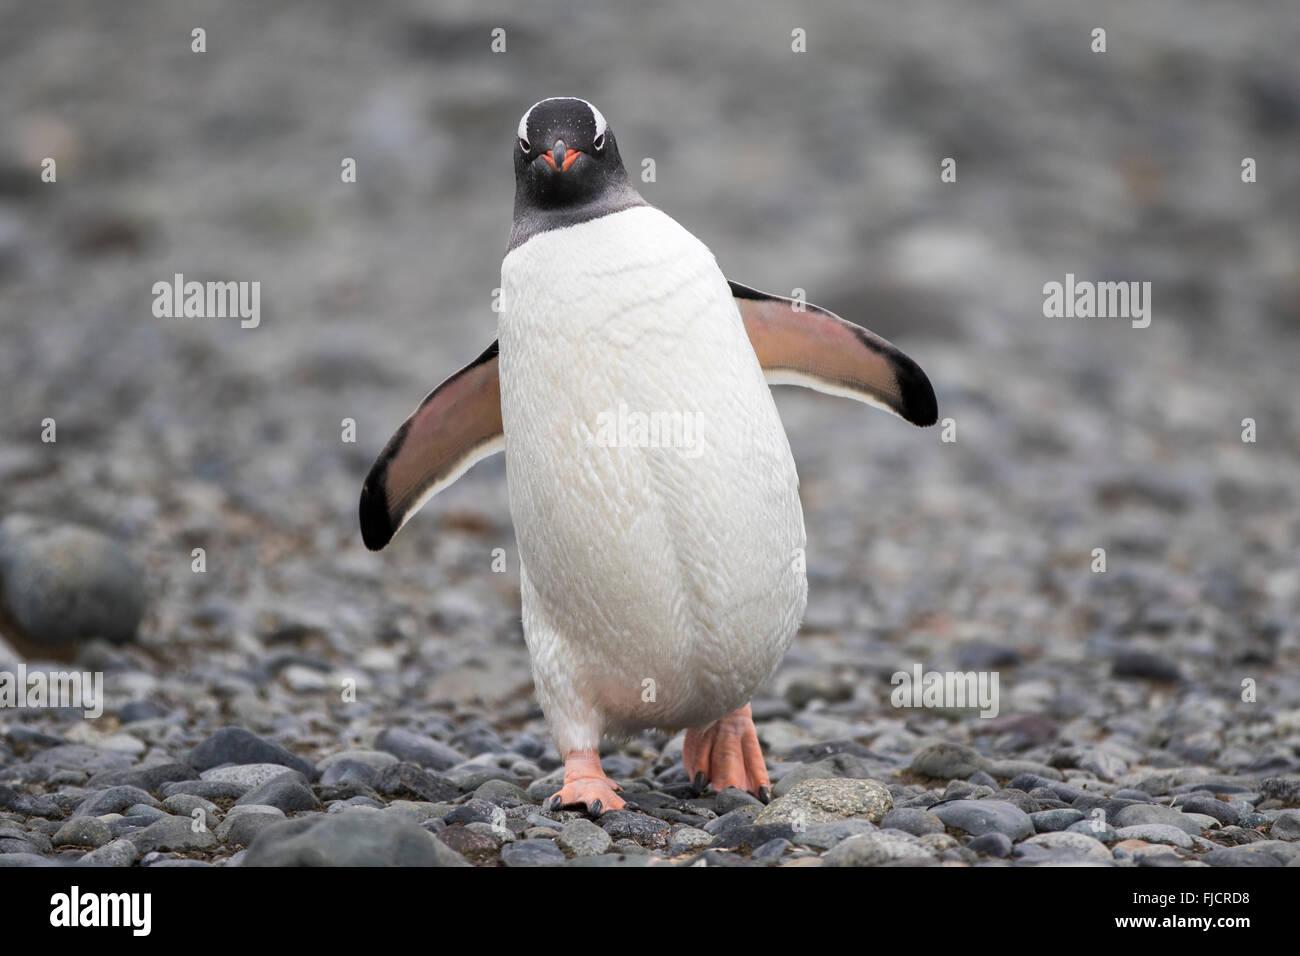 La Antártida, los pingüinos, los pingüinos antárticos. Pingüinos papúa (Pygoscelis Imagen De Stock